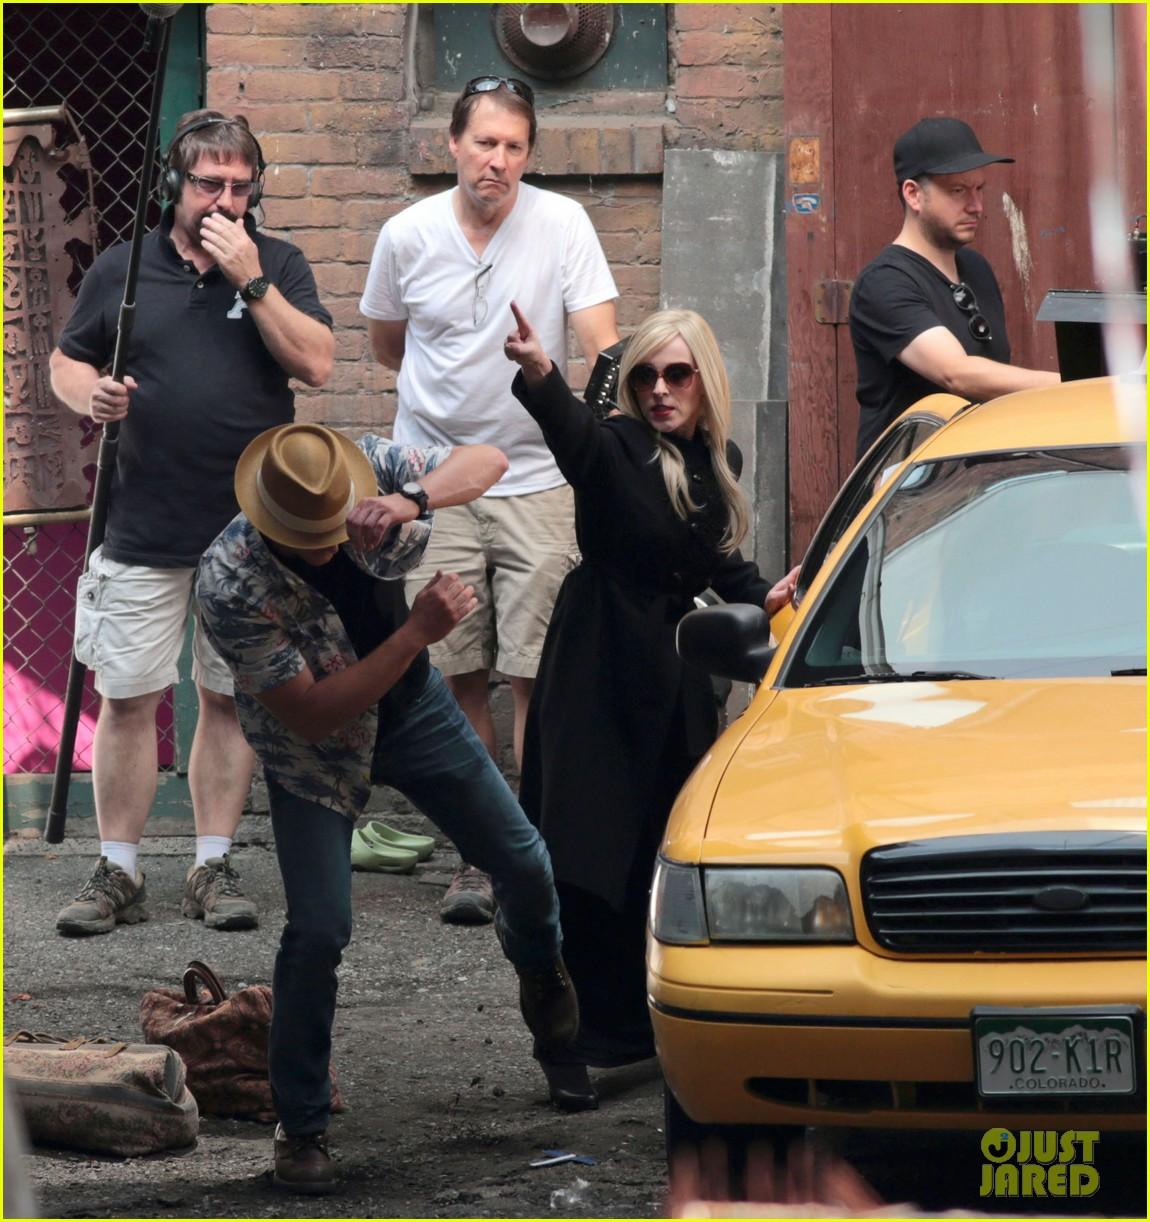 jared-padalecki-kisses-fans-supernatural-06.jpg